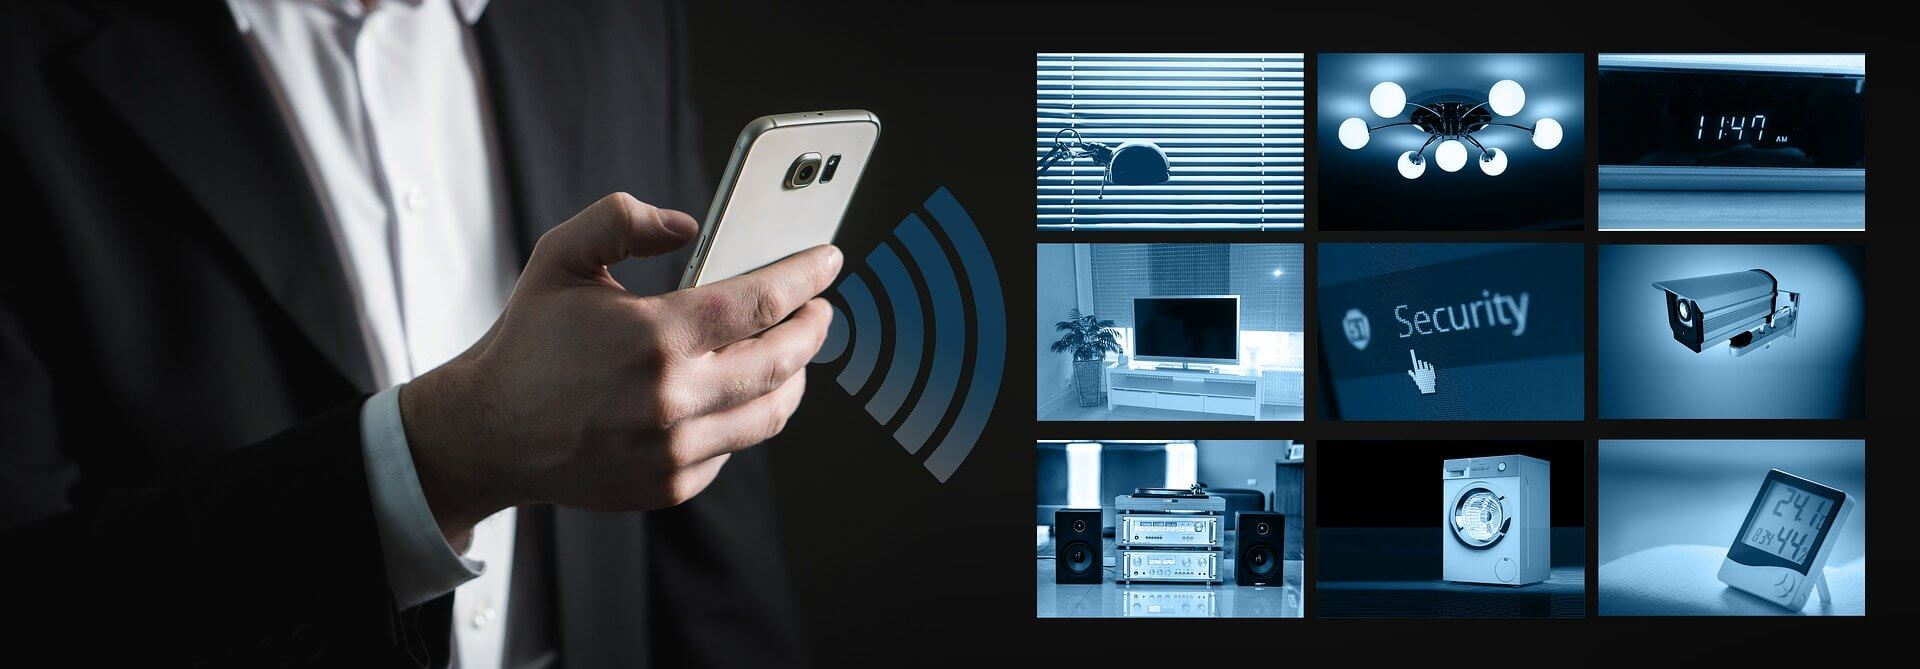 как защитить устройства умного дома от хакеров